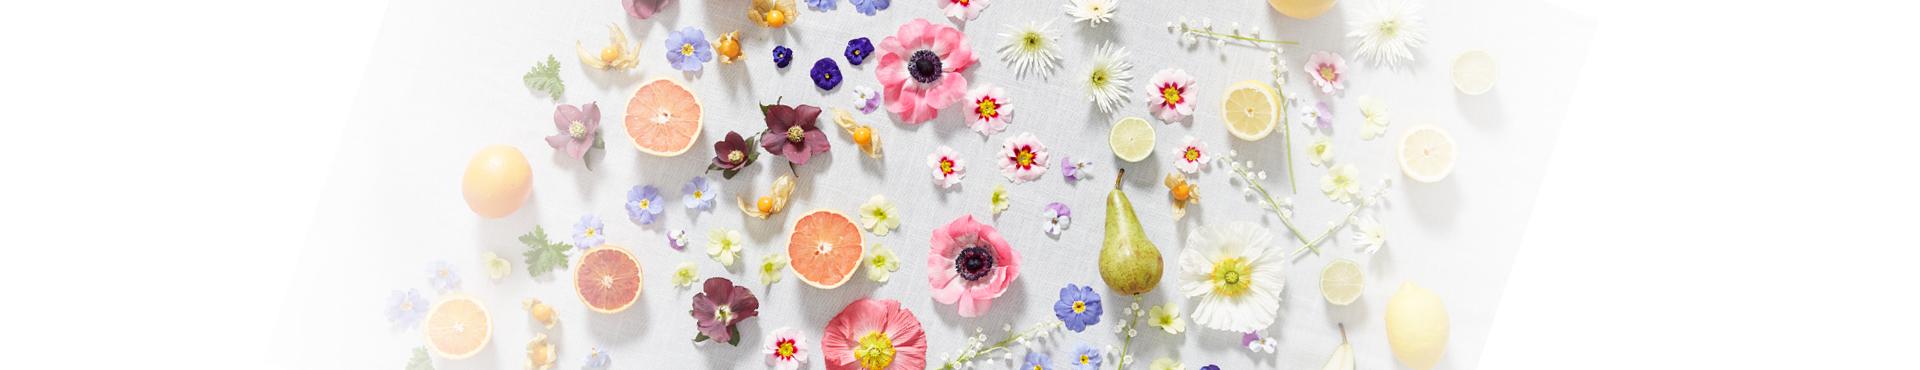 Voorjaarsbloemen - Haal de lente in huis]